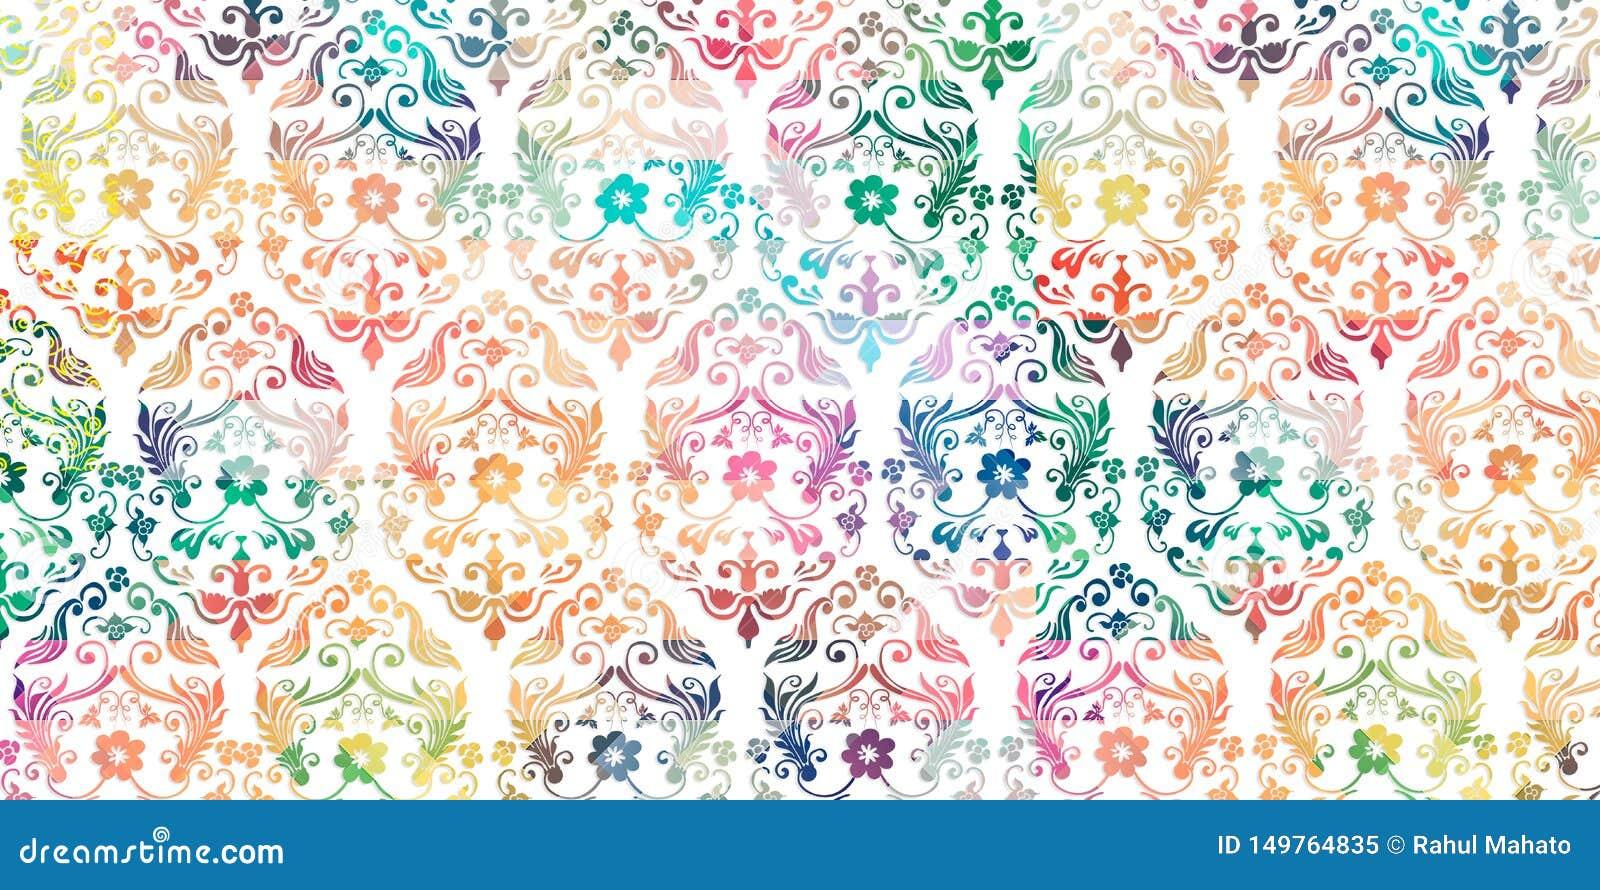 Πολύχρωμο ψηφιακό ντεκόρ κεραμιδιών τοίχων για το εσωτερικό σπίτι, ταπετσαρία, λινέλαιο, webpage, υπόβαθρο, απεικόνιση